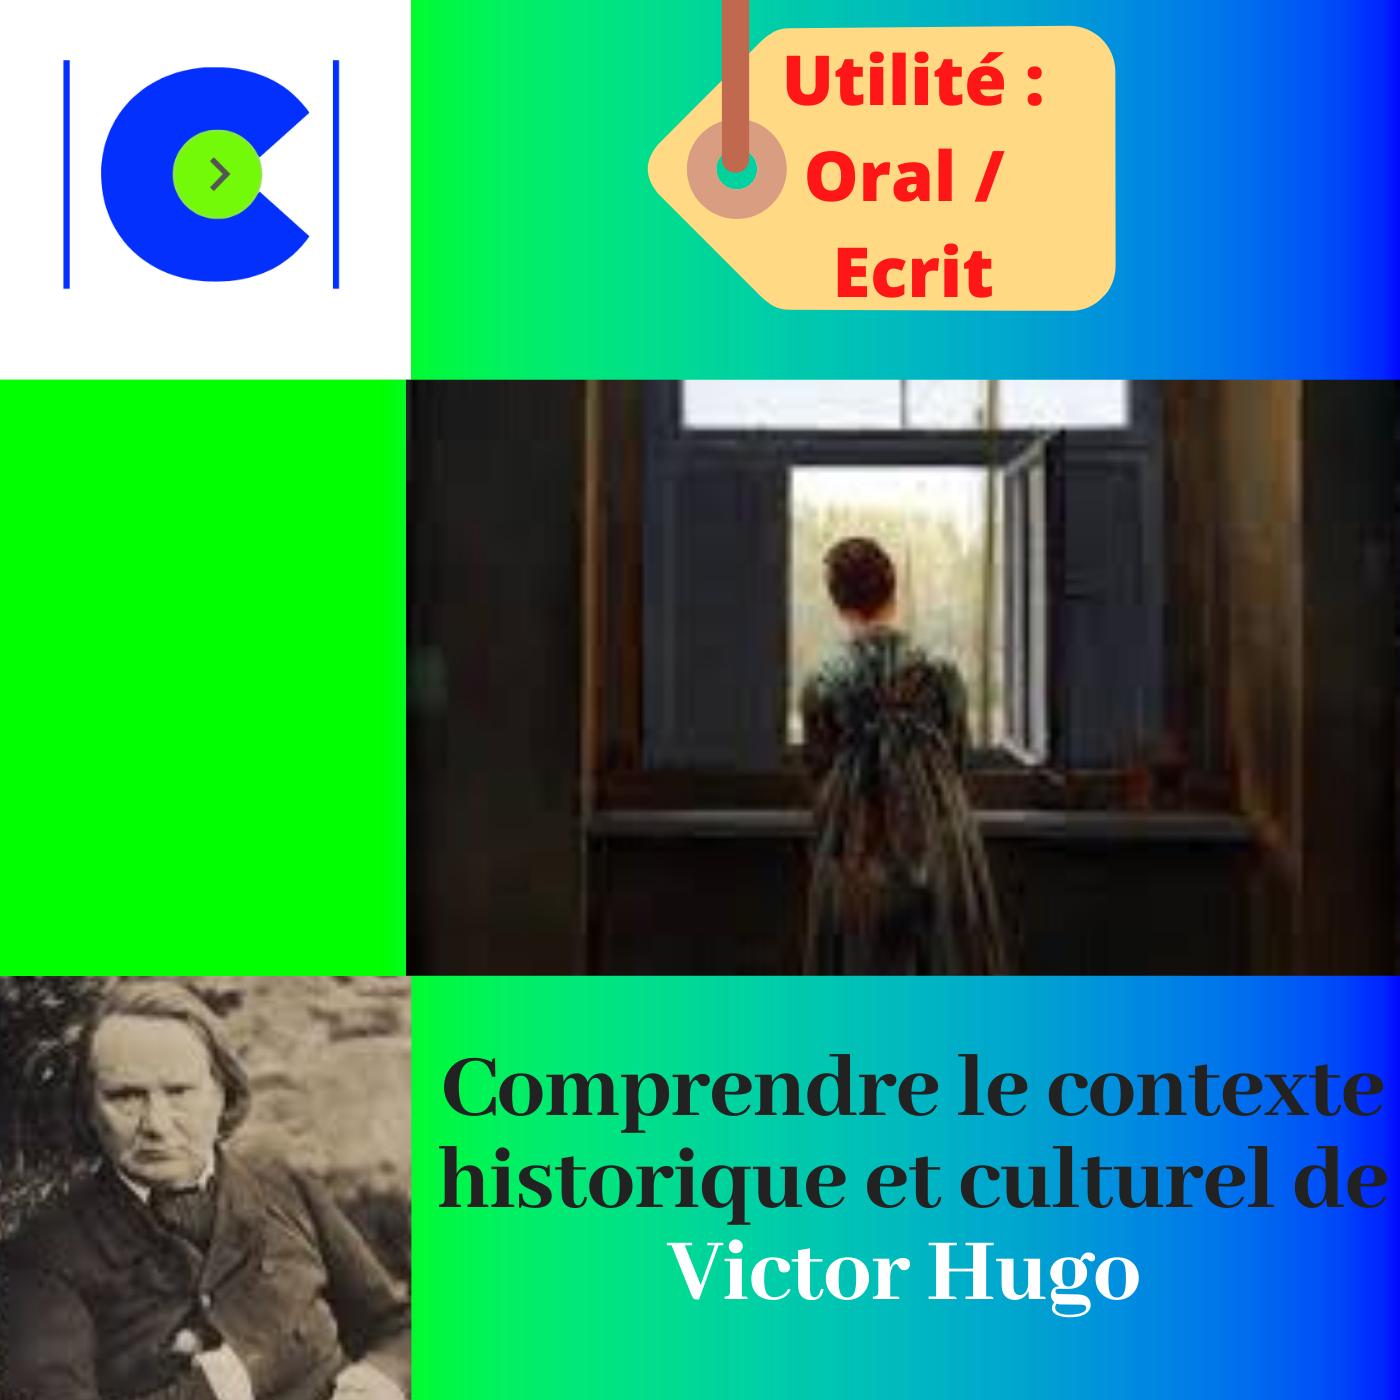 Comprendre le contexte historique et culturel de HUGO.